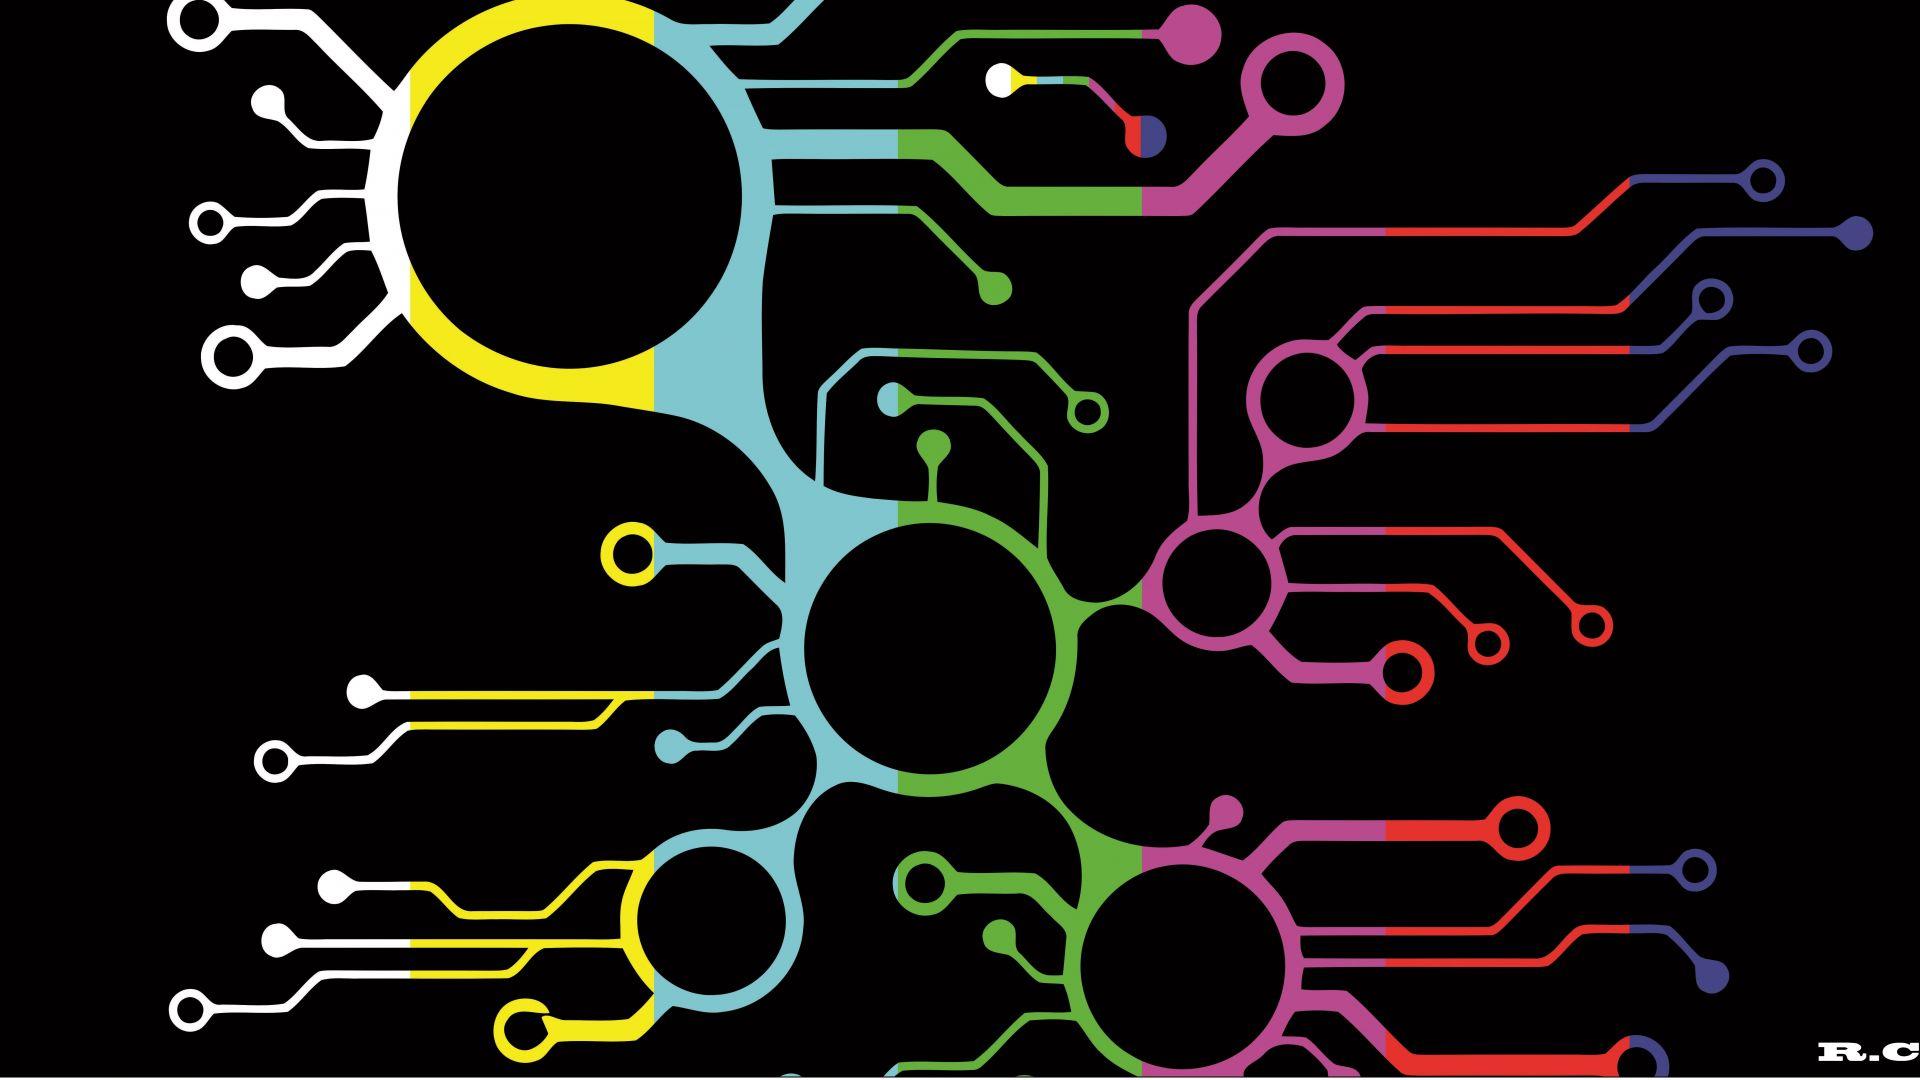 Wallpaper Digital artwork of electronic circuit